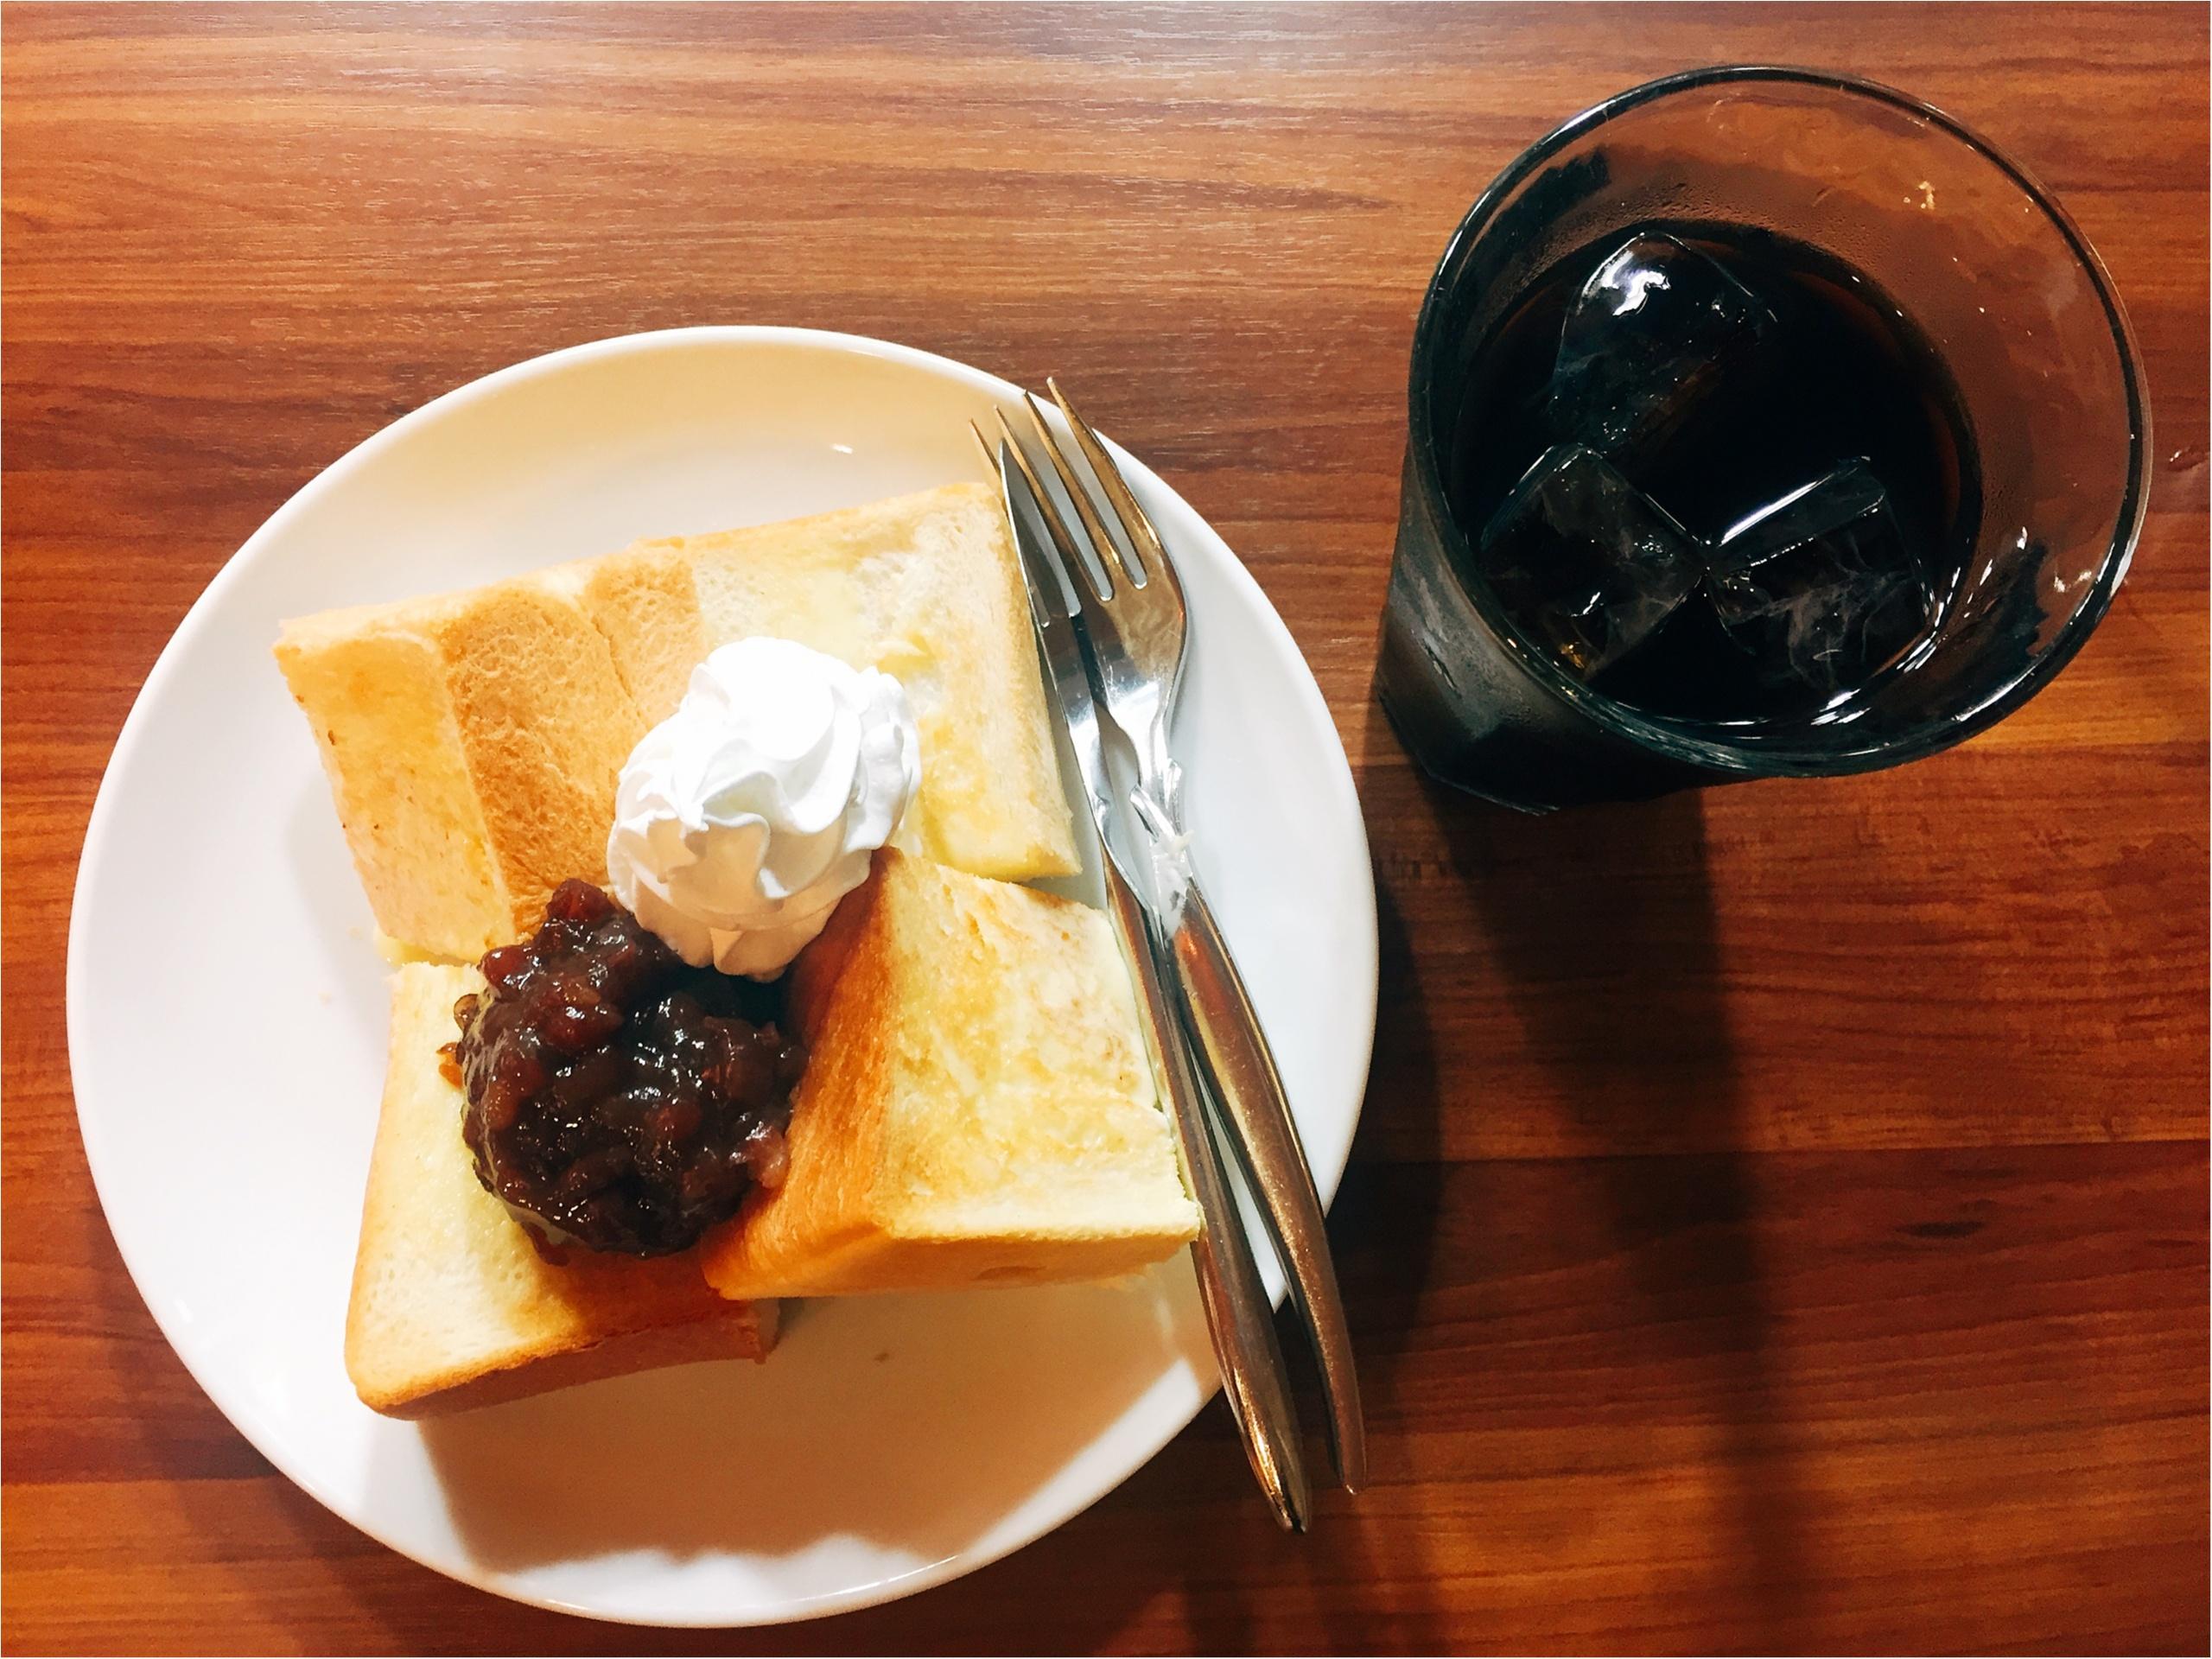 おすすめの喫茶店・カフェ特集 - 東京のレトロな喫茶店4選など、全国のフォトジェニックなカフェまとめ_46